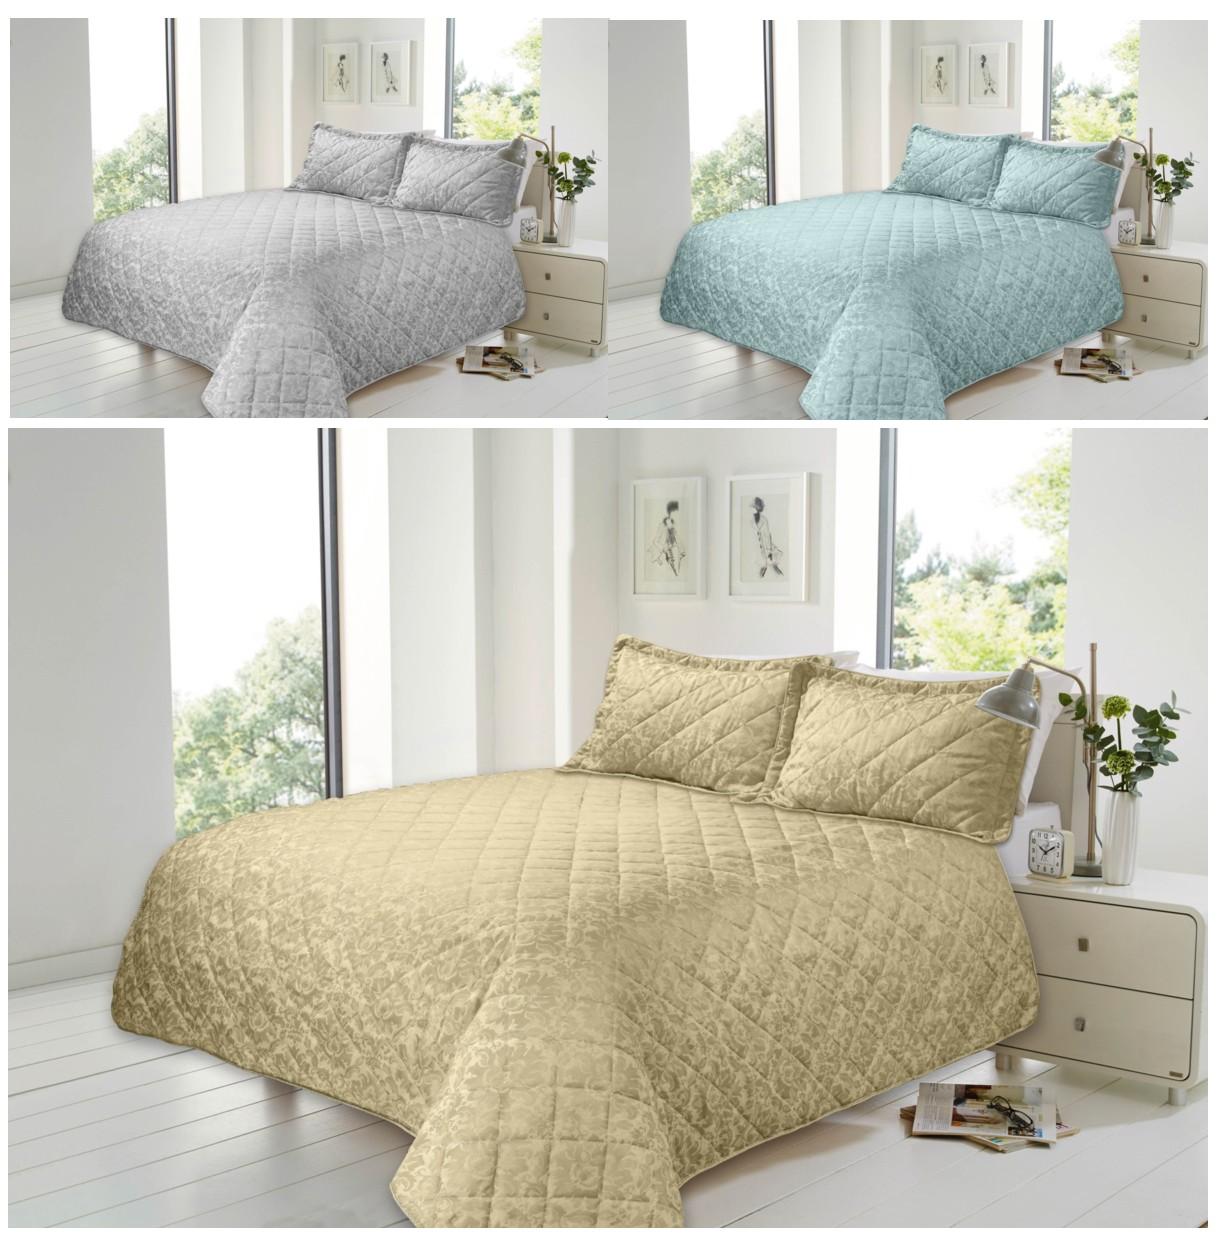 linenstar bedspread-SAVOY-multi